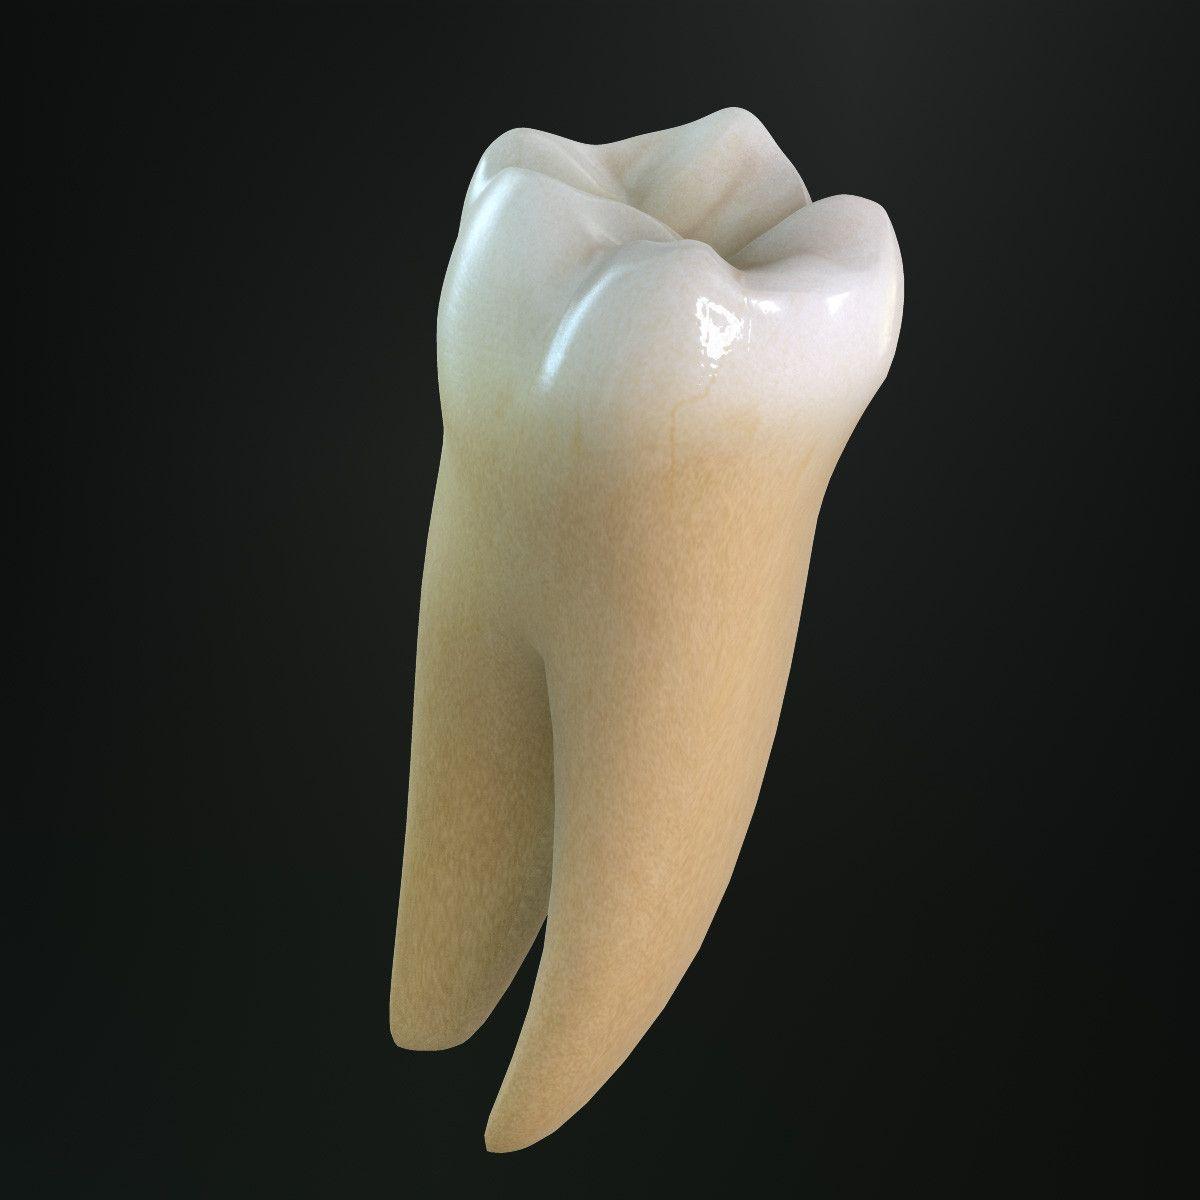 спеть мне картинки зубов человека с корнями поможет увидеть путь